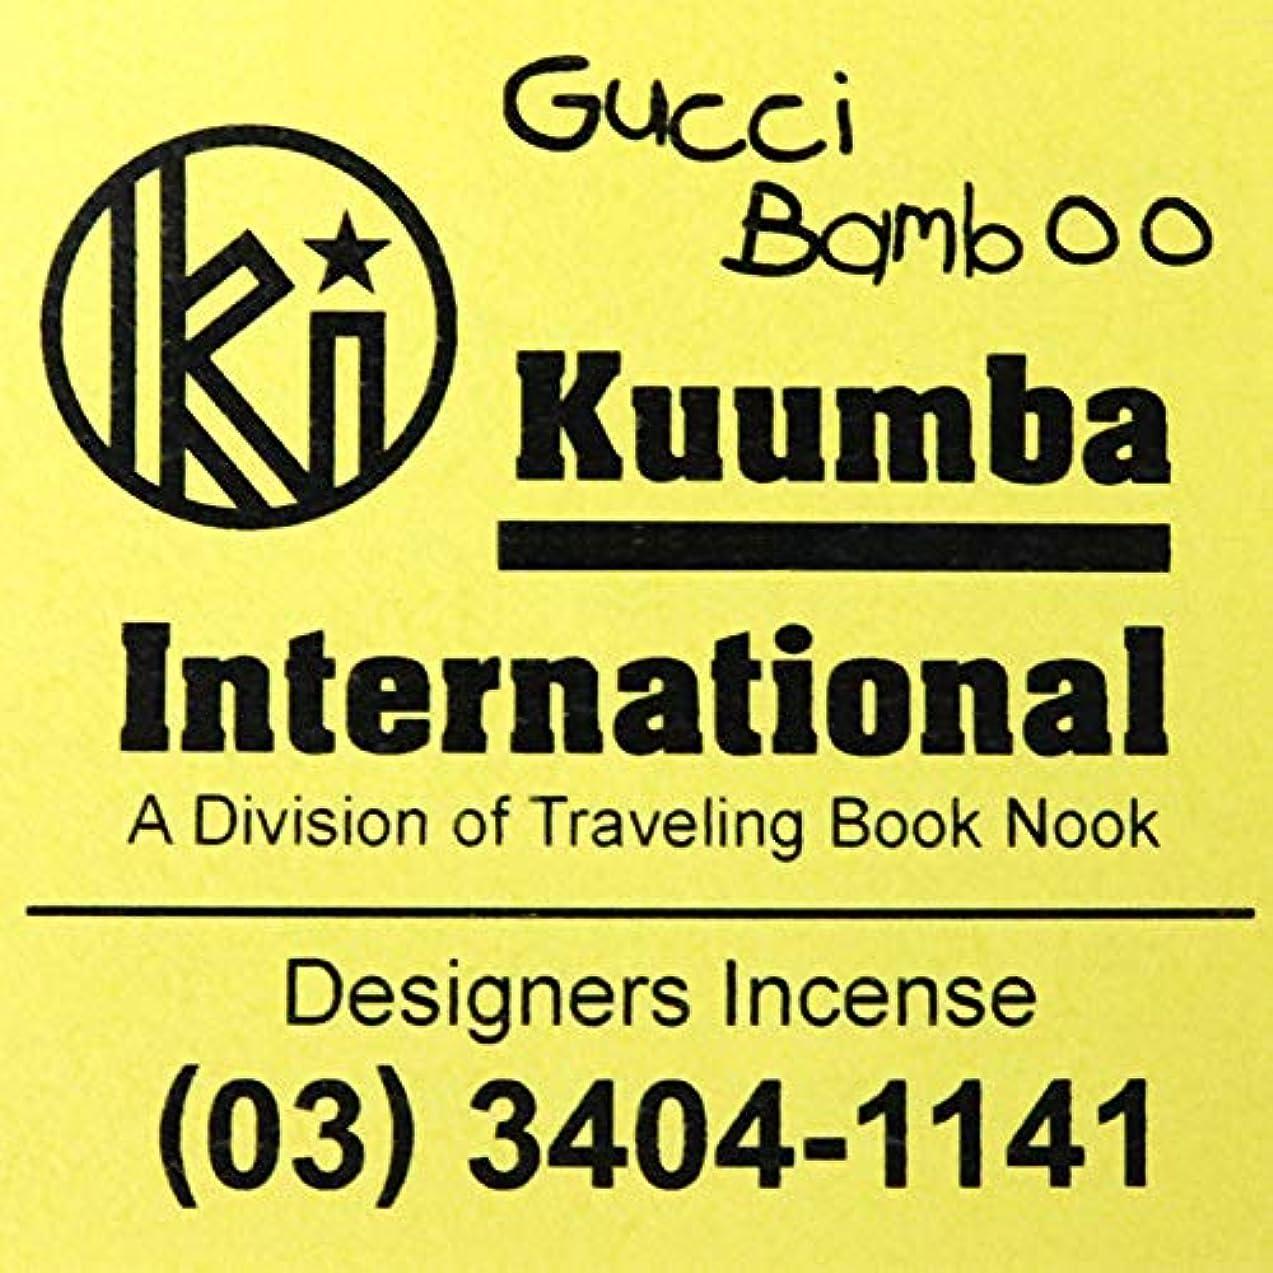 セットする隙間機械的にKUUMBA (クンバ)『incense』(GUCCI BAMBOO) (GUCCI BAMBOO, Regular size)